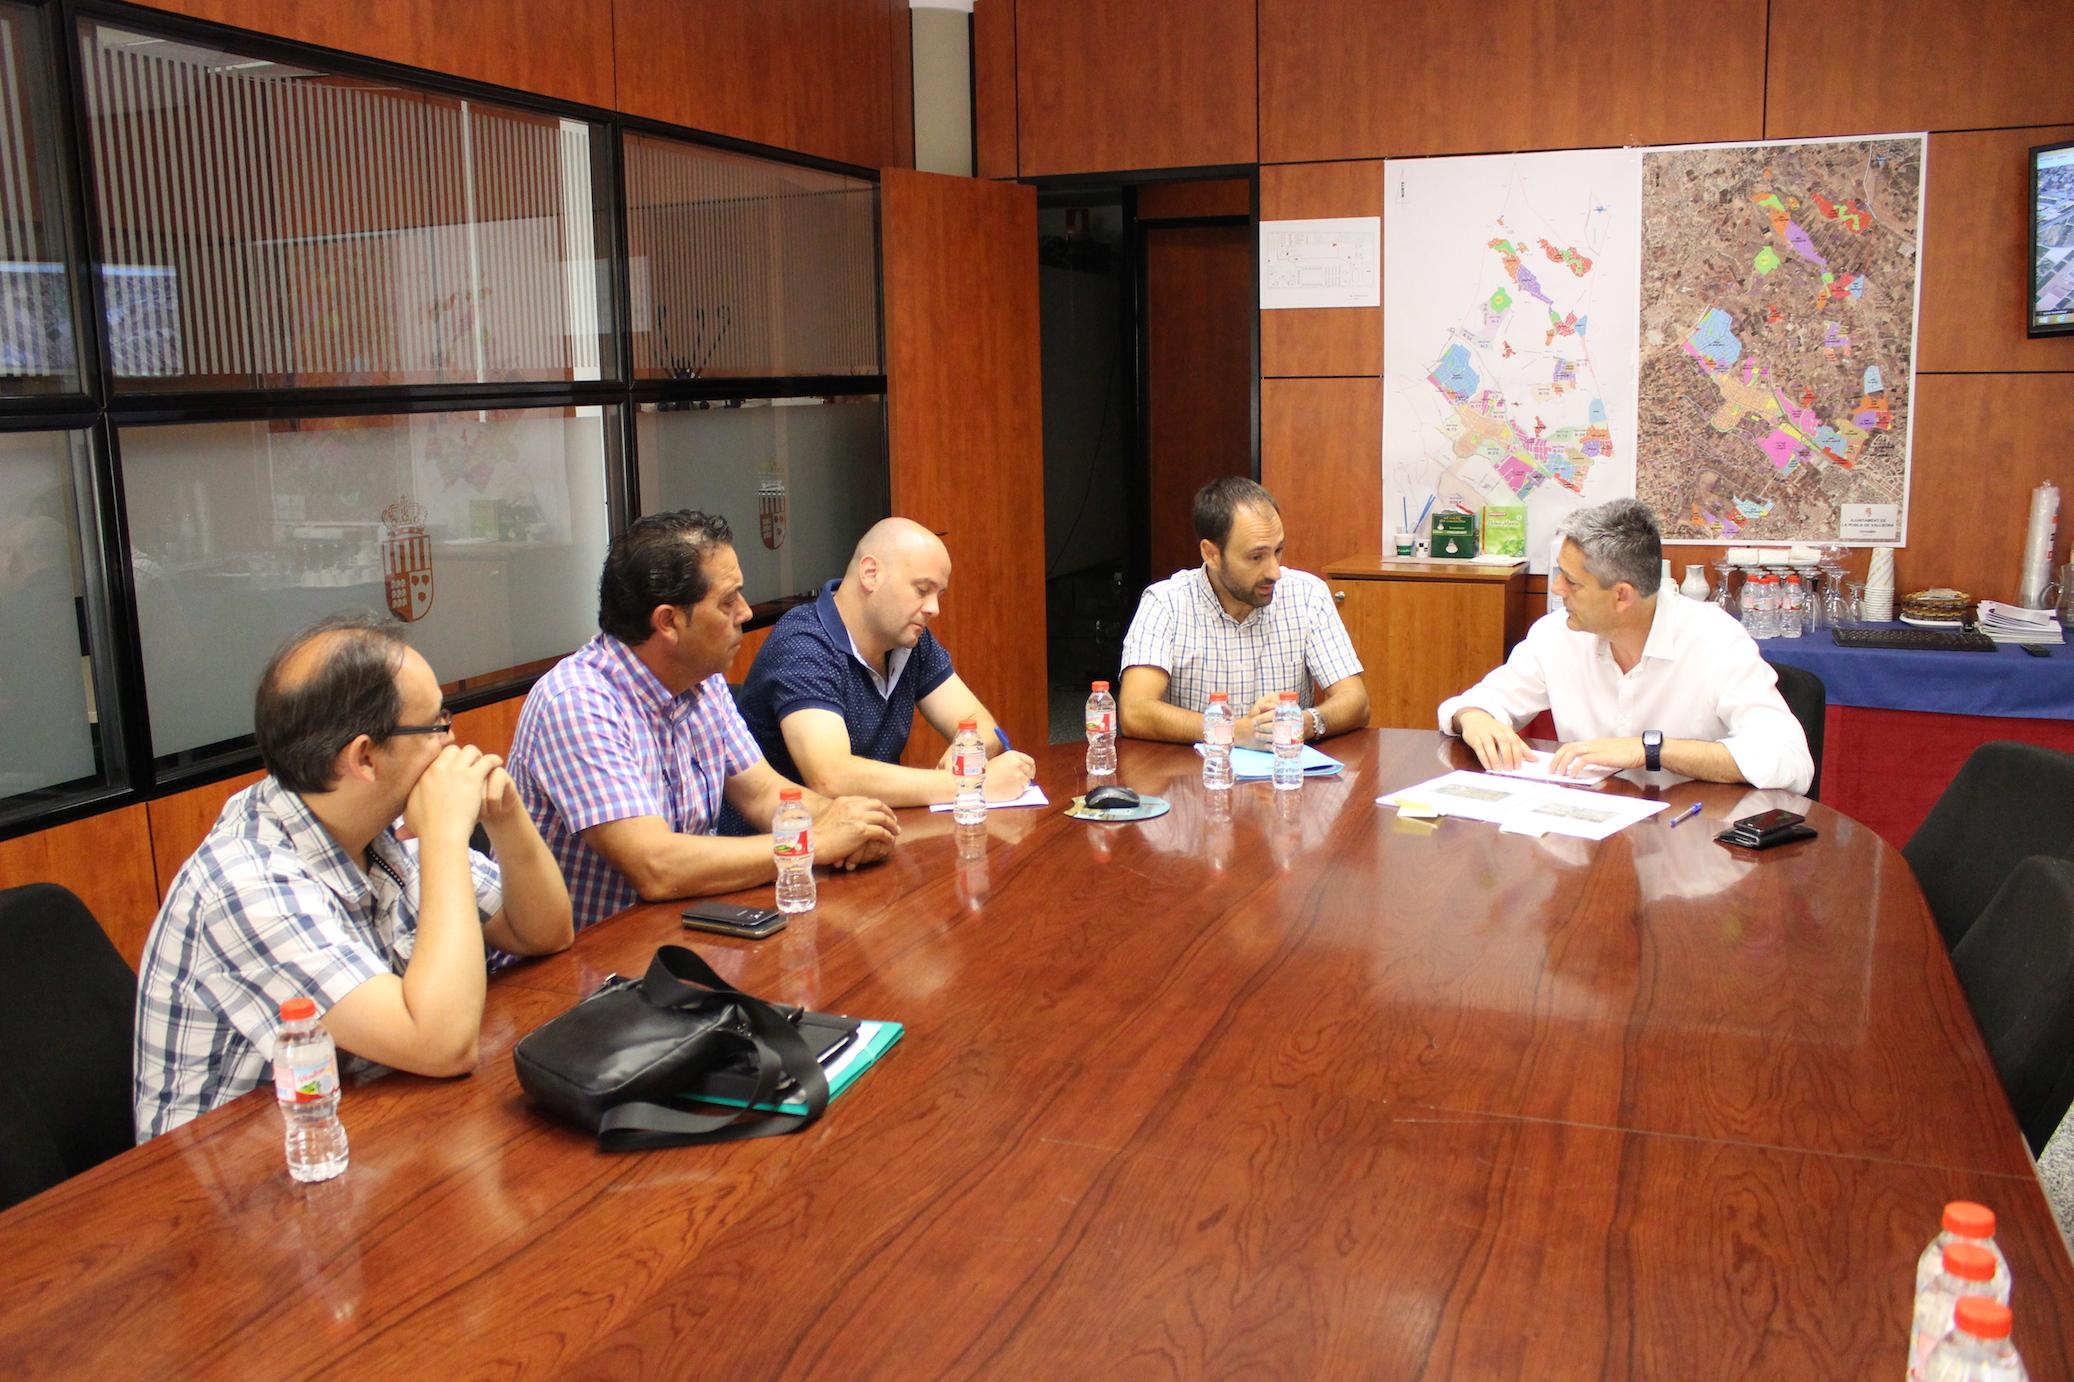 El alcalde de la Pobla, el concejal de Urbanismo y el de Agricultura se han reunido con el Jefe de Servicio de Conservación y Explotación de Carreteras.